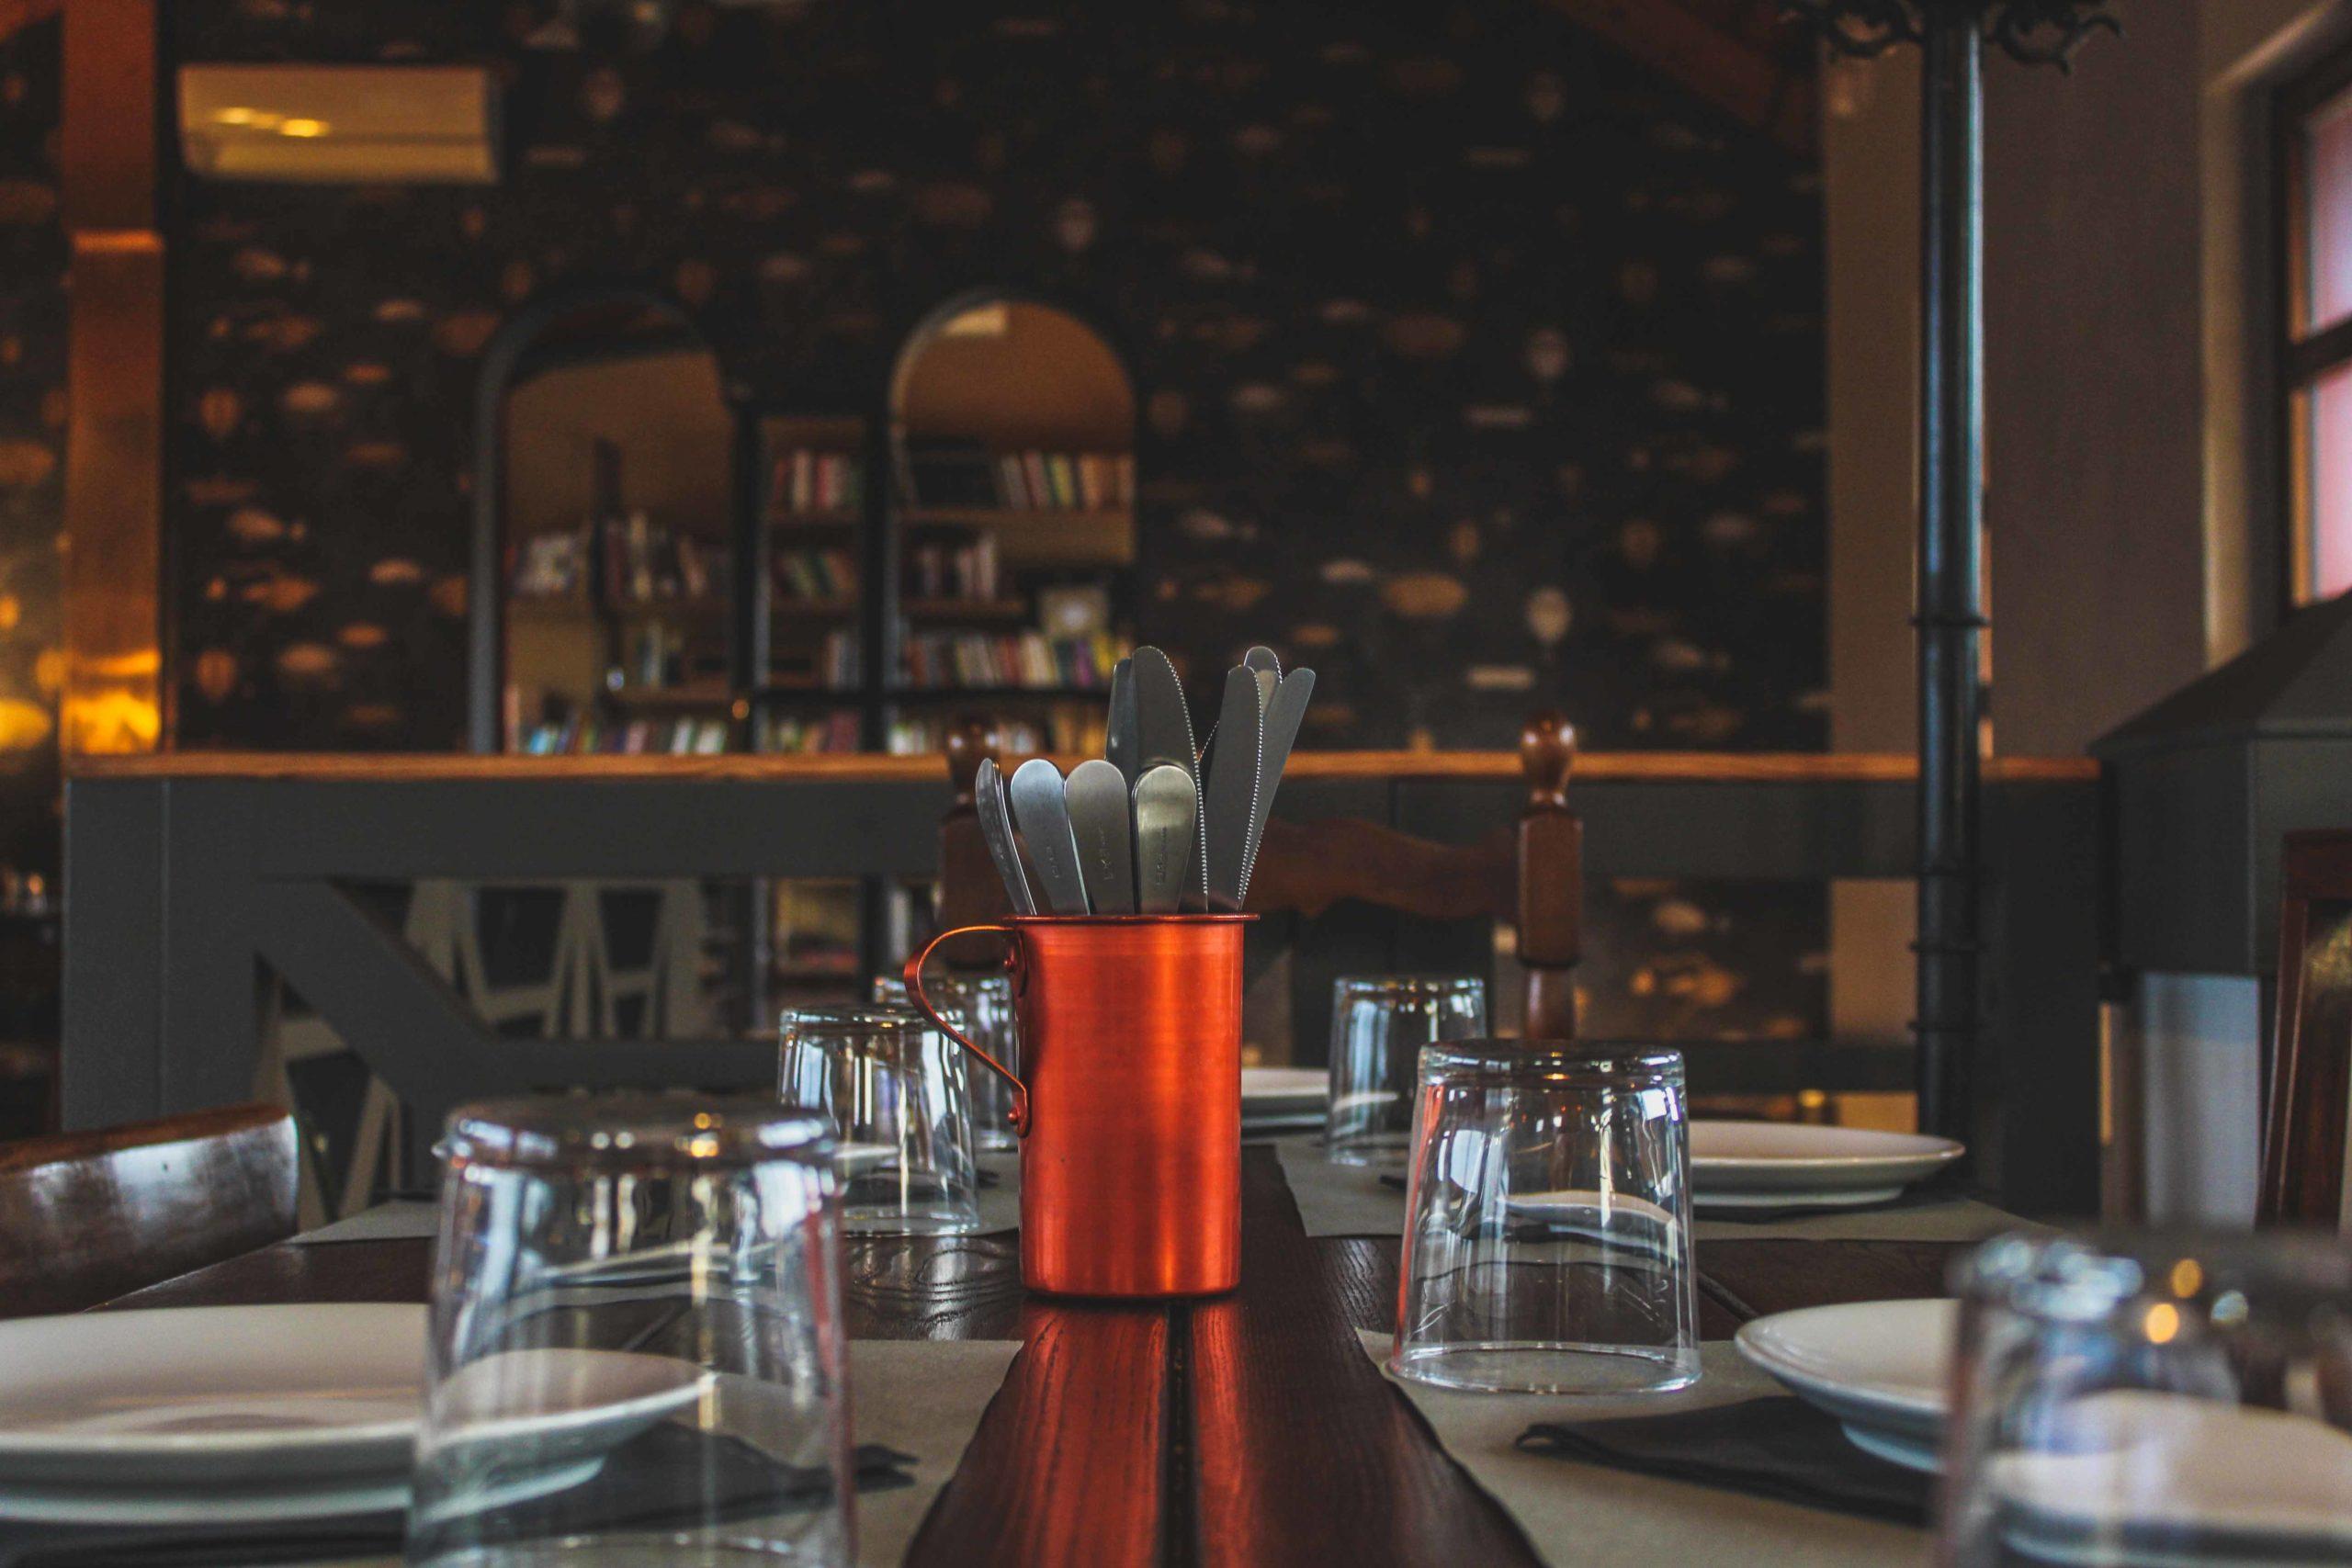 tavolo con posate e bicchieri